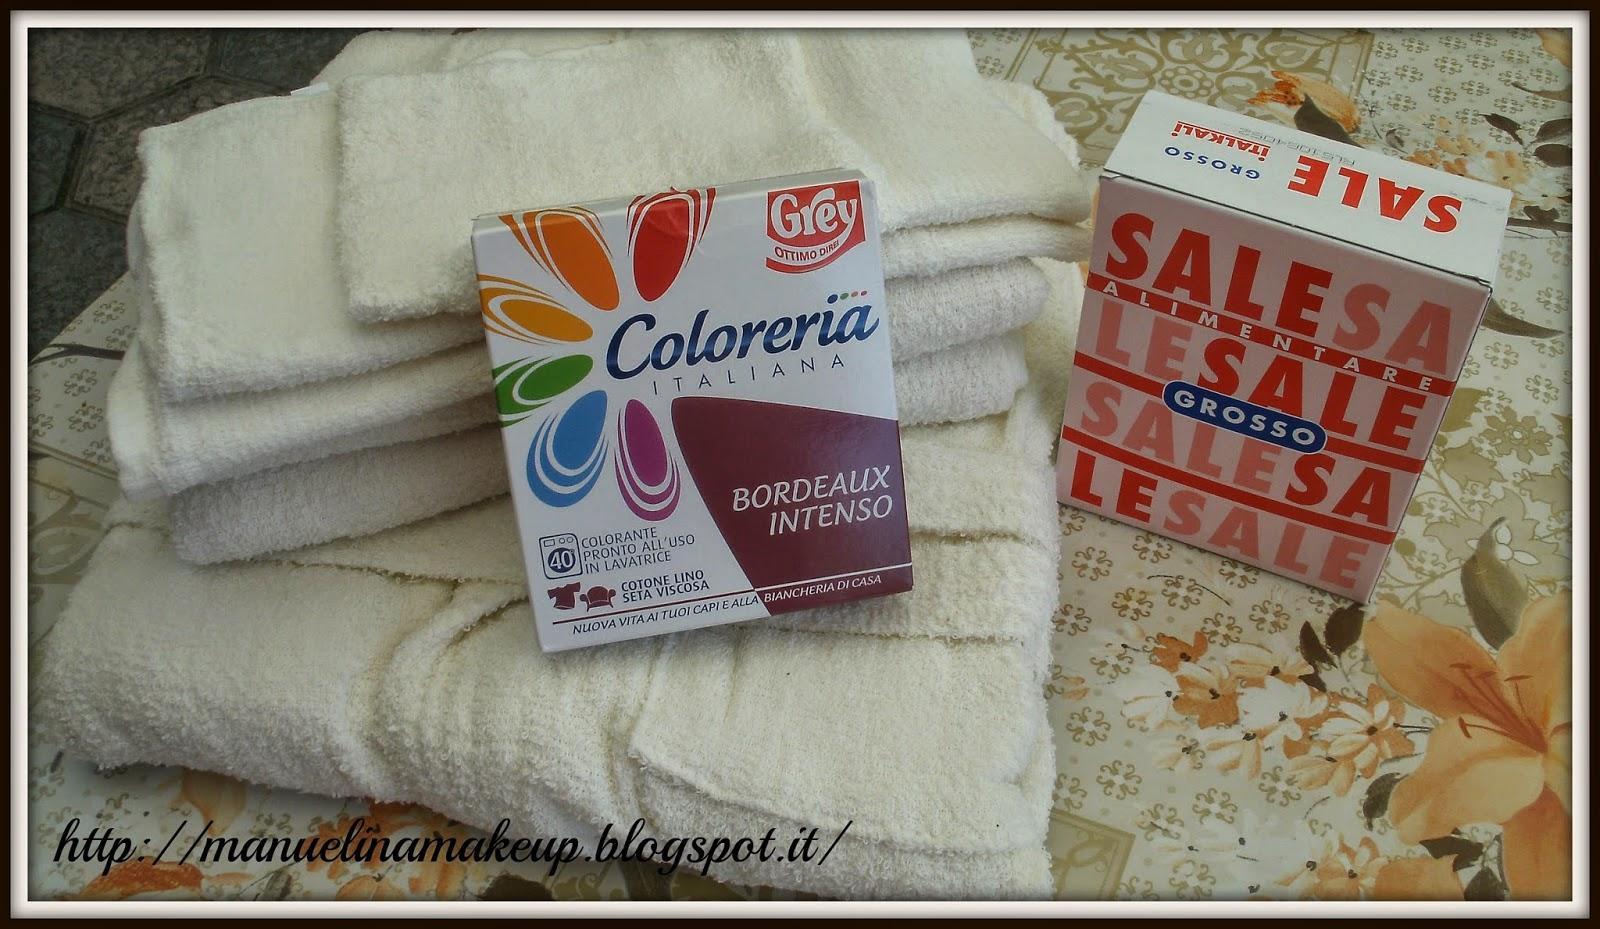 spesso Il Blog di Manu : Coloreria Italiana - Il Magico mondo dei colori!!! BX72